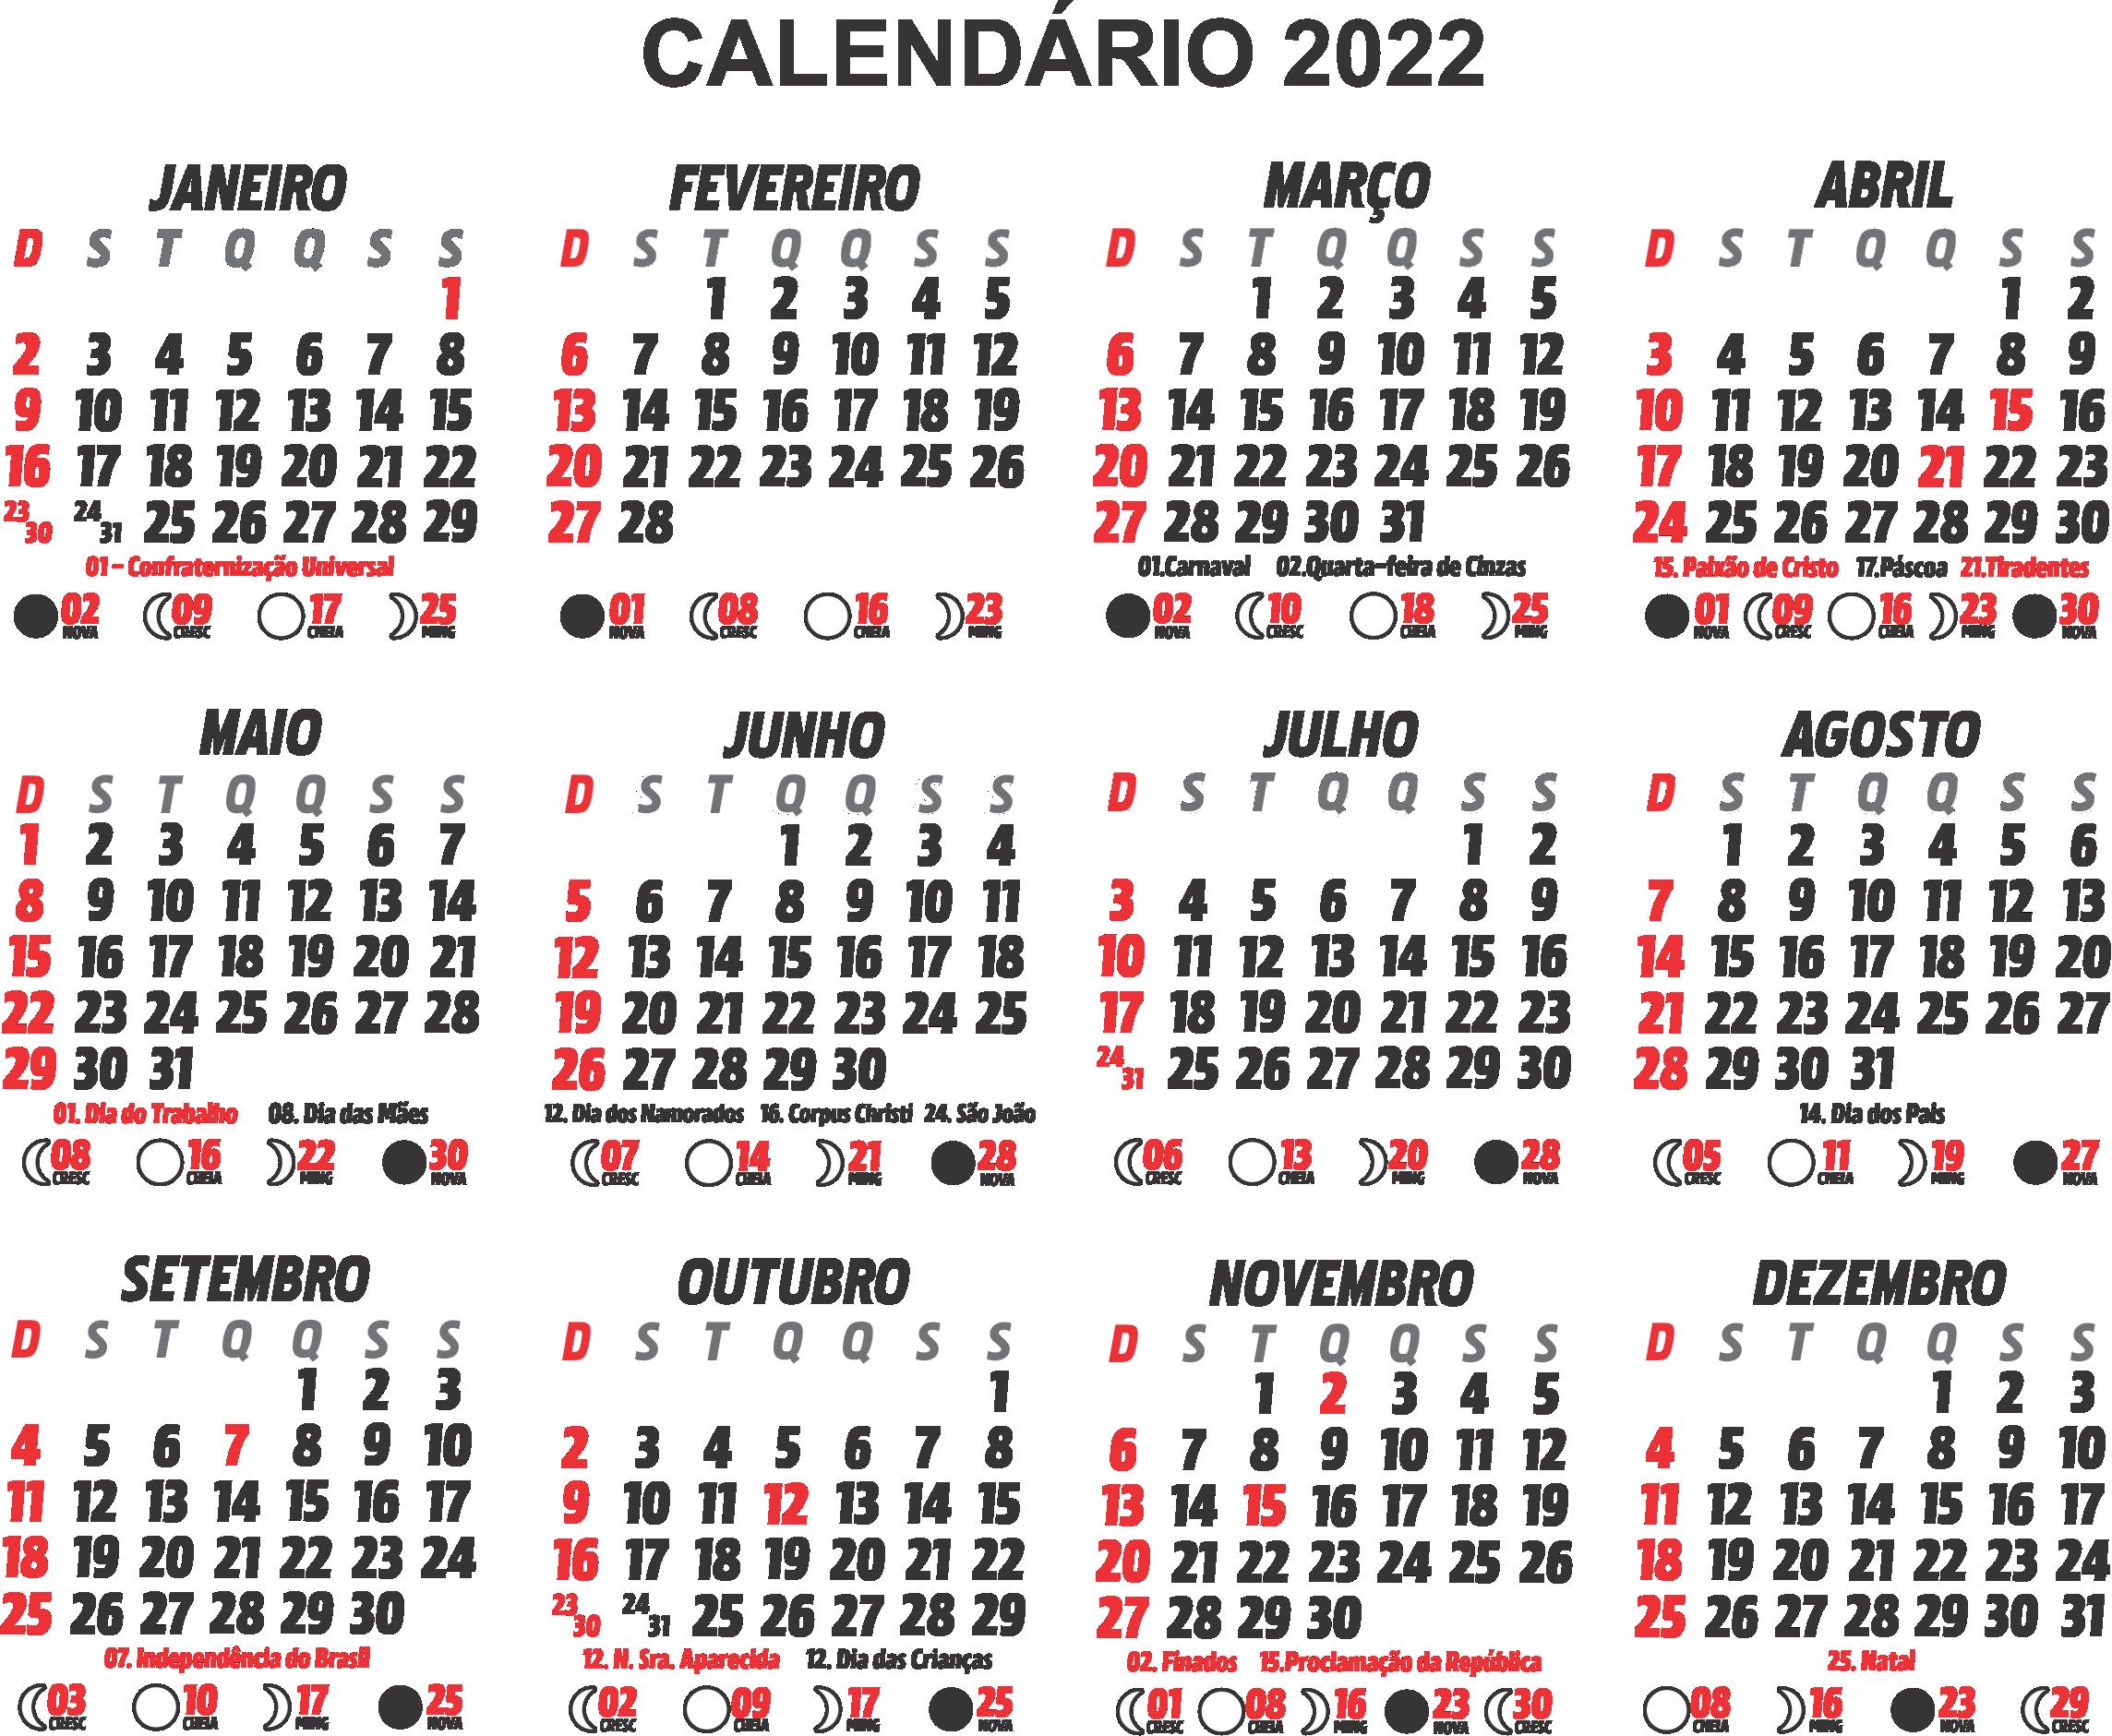 Base Calendário 2022 Preto e Branco